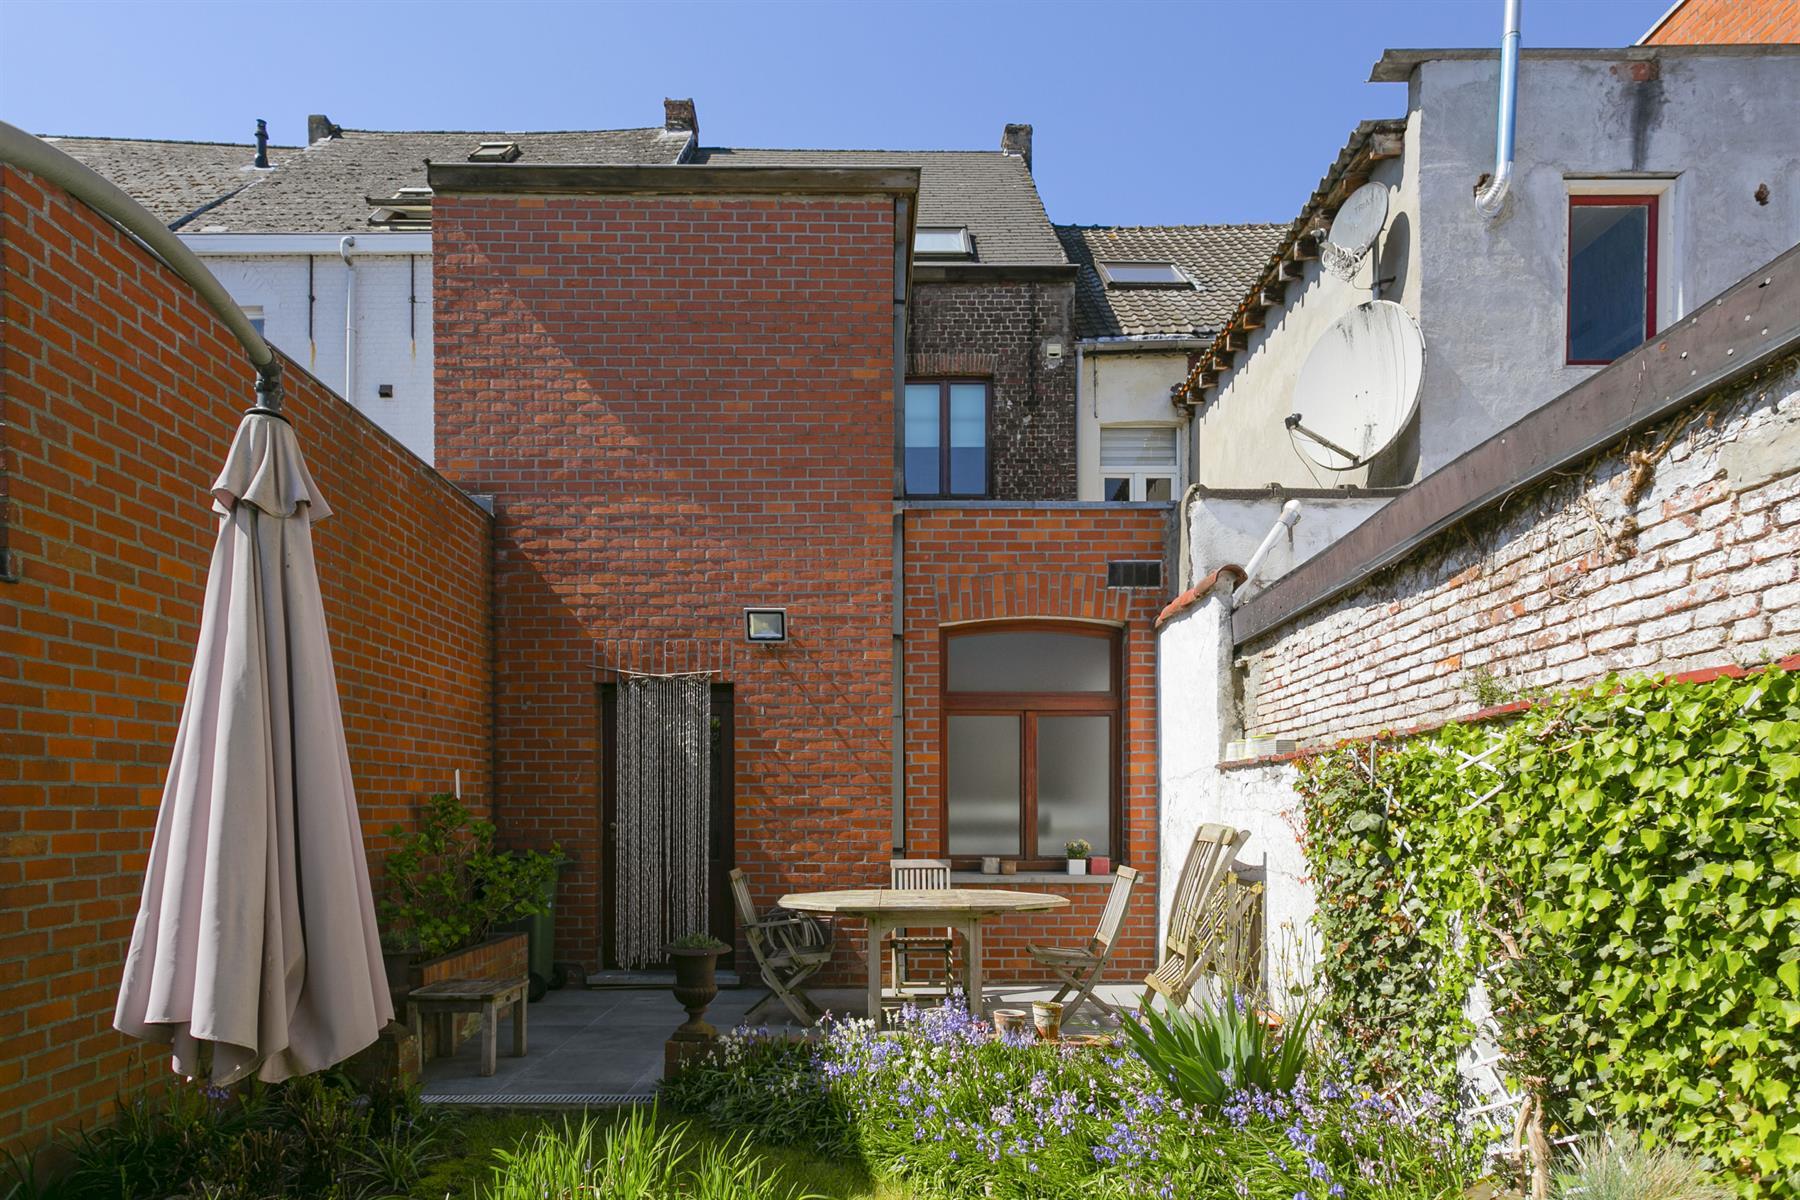 Woning met tuin aan de markt in Wetteren